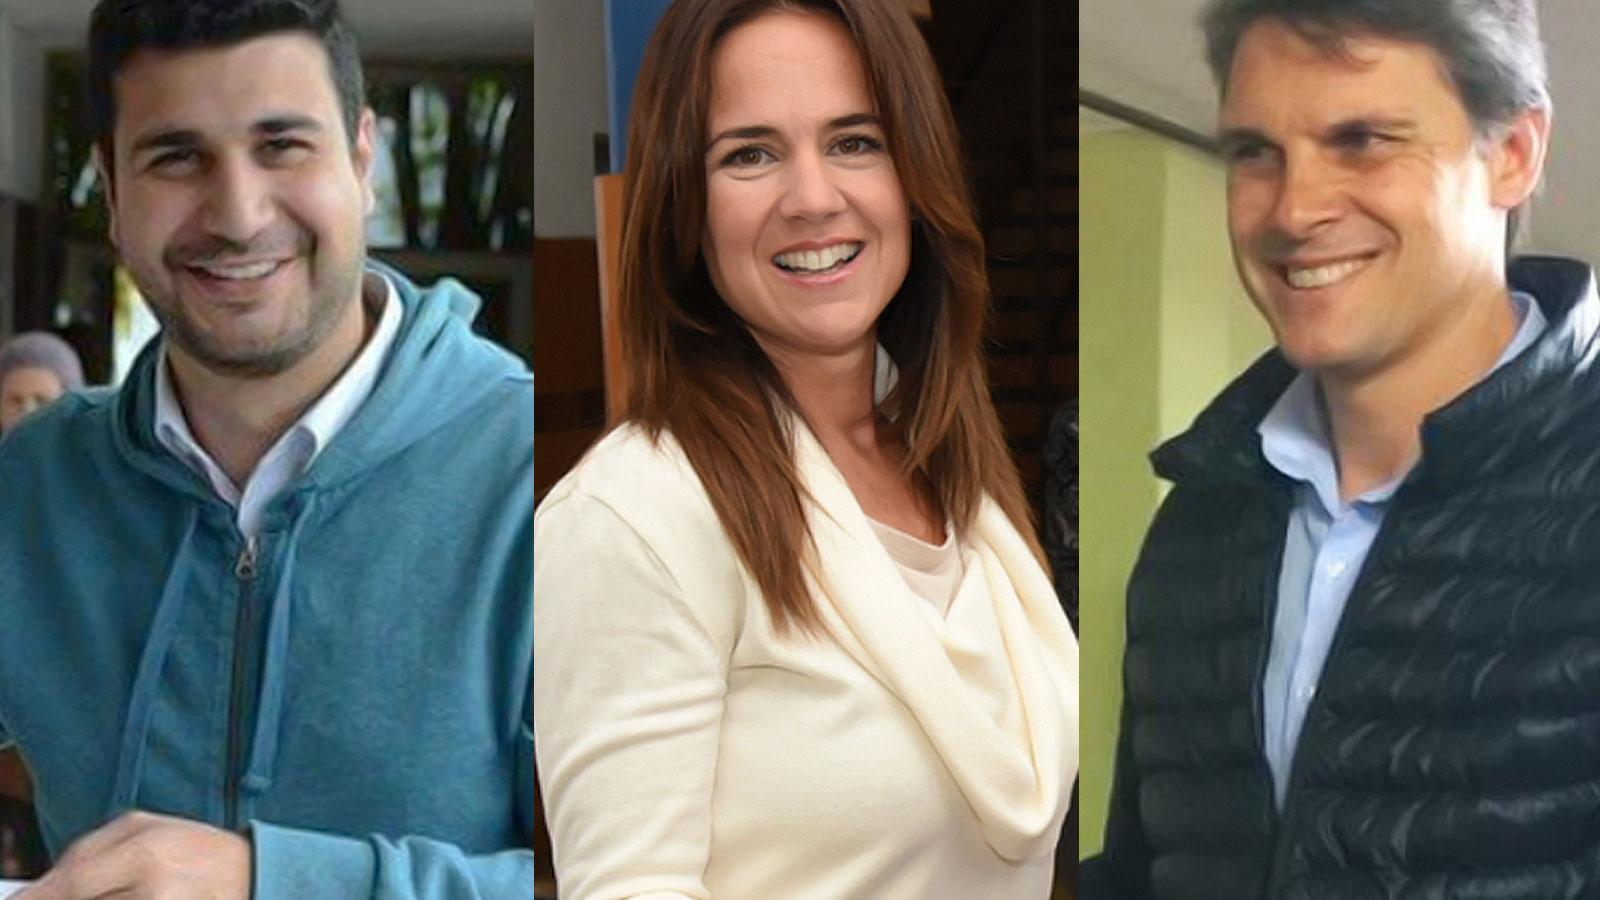 Cleri, Anita Martínez y Grandinetti, los nuevos diputados.